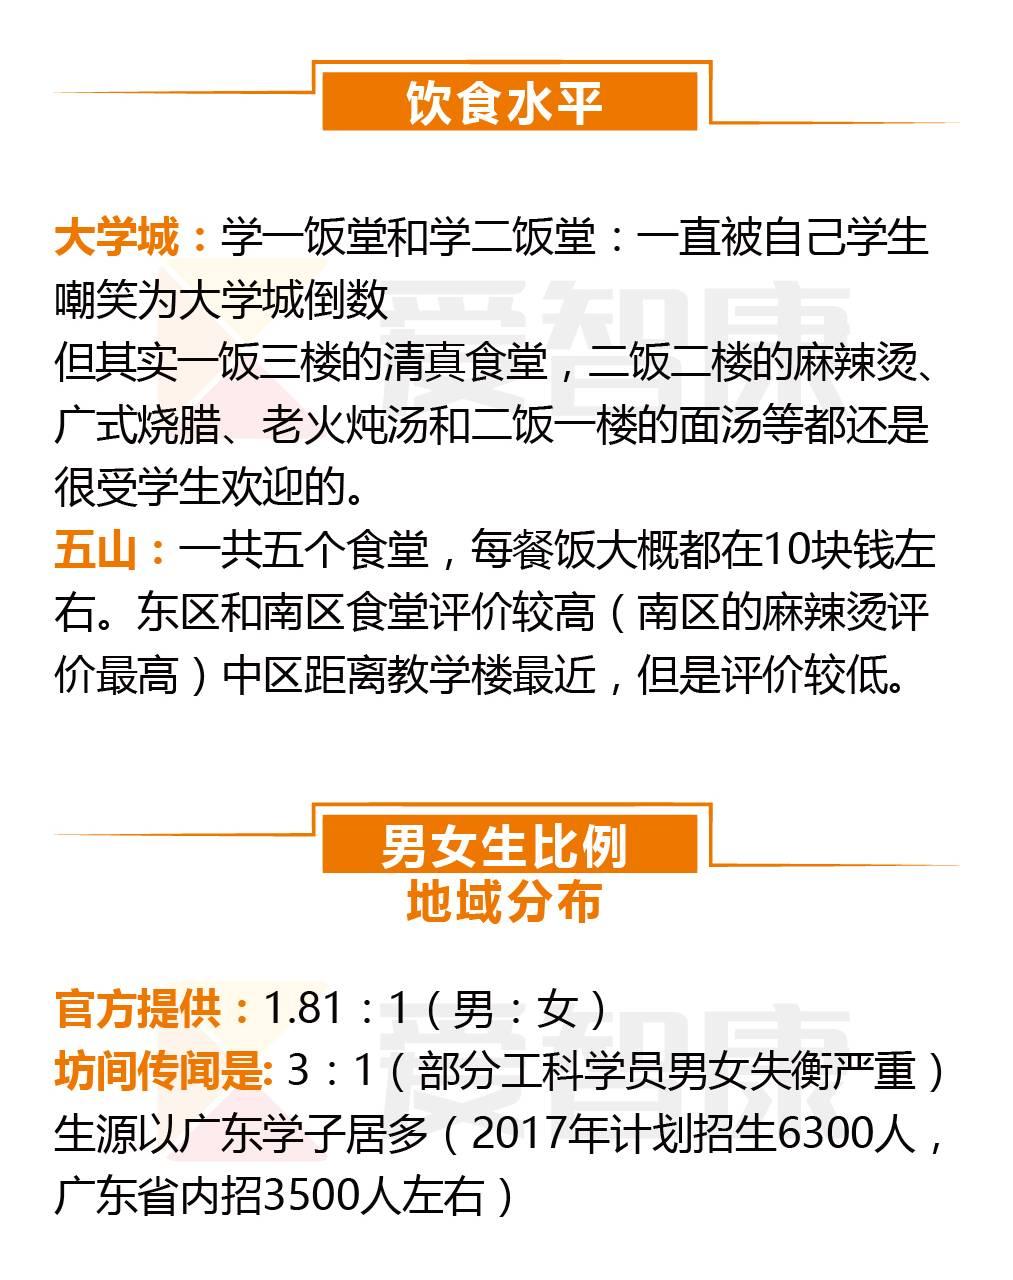 华南理工大学饮食水平及男女生比例